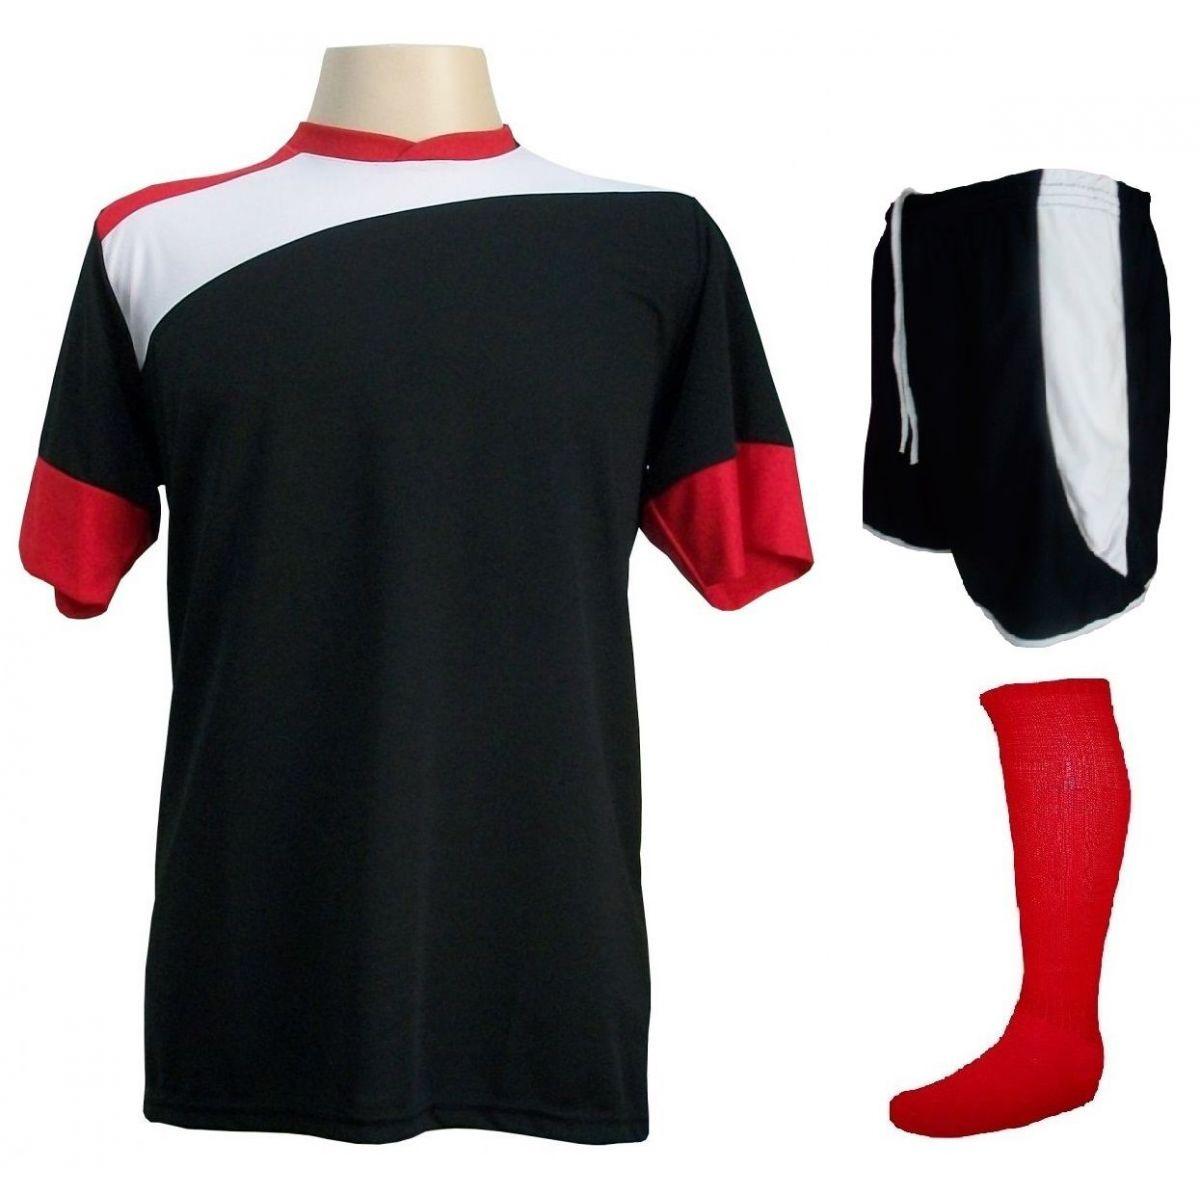 Uniforme Esportivo Completo modelo Sporting 14+1 (14 camisas Preto/Branco/Vermelho + 14 calções modelo Copa Preto/Branco + 14 pares de meiões Vermelhos + 1 conjunto de goleiro) + Brindes